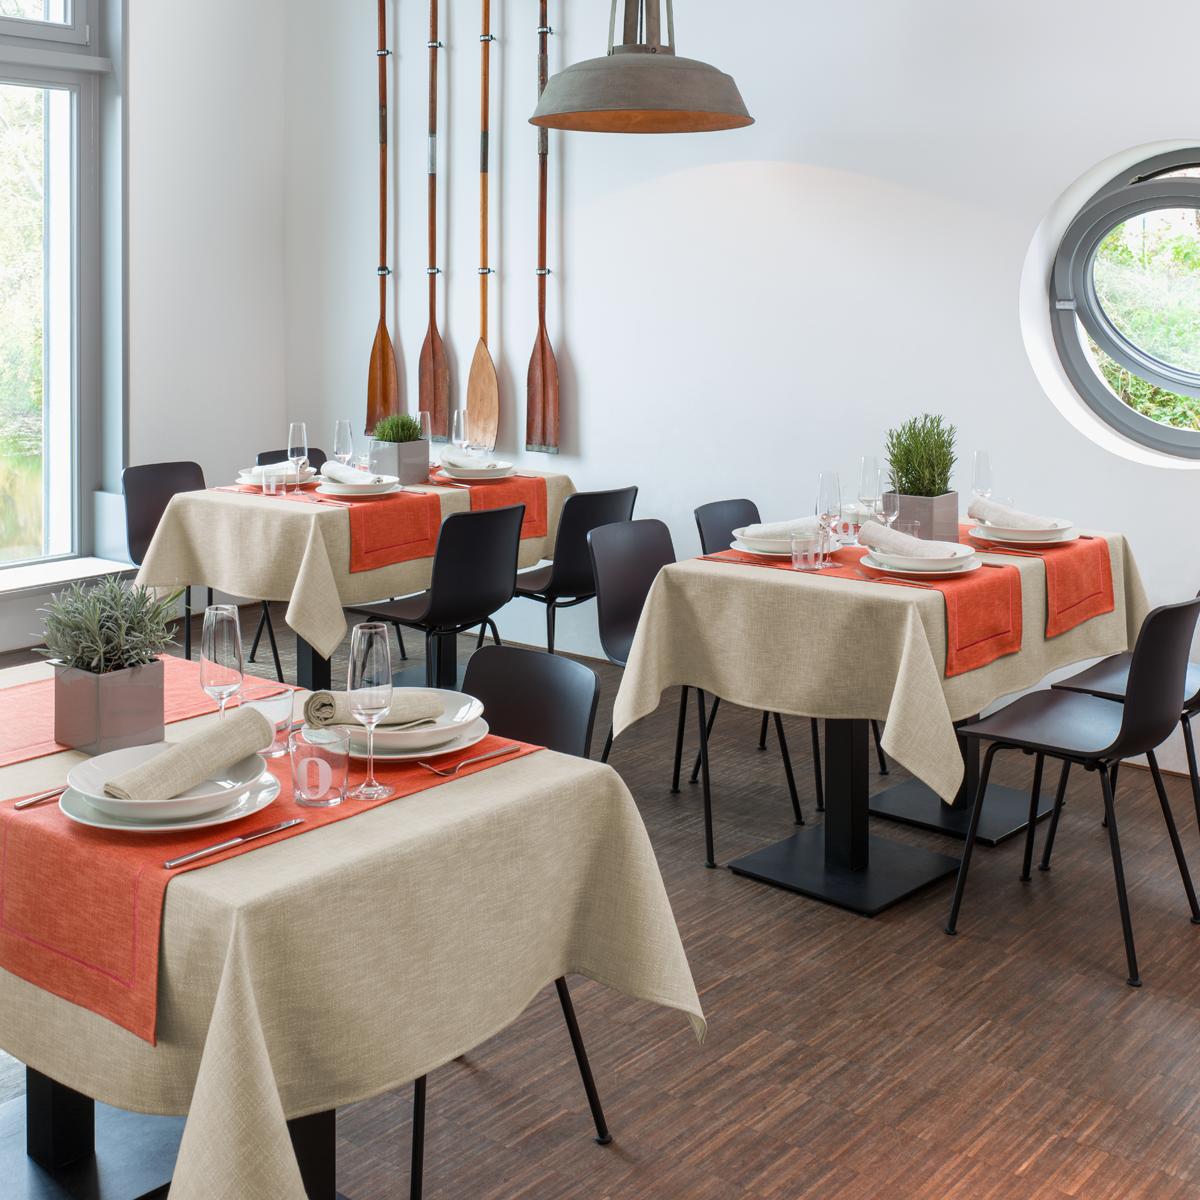 Moderne Tischdecke tischdecke flaxy d pichler tischwäsche hotel gastronomie